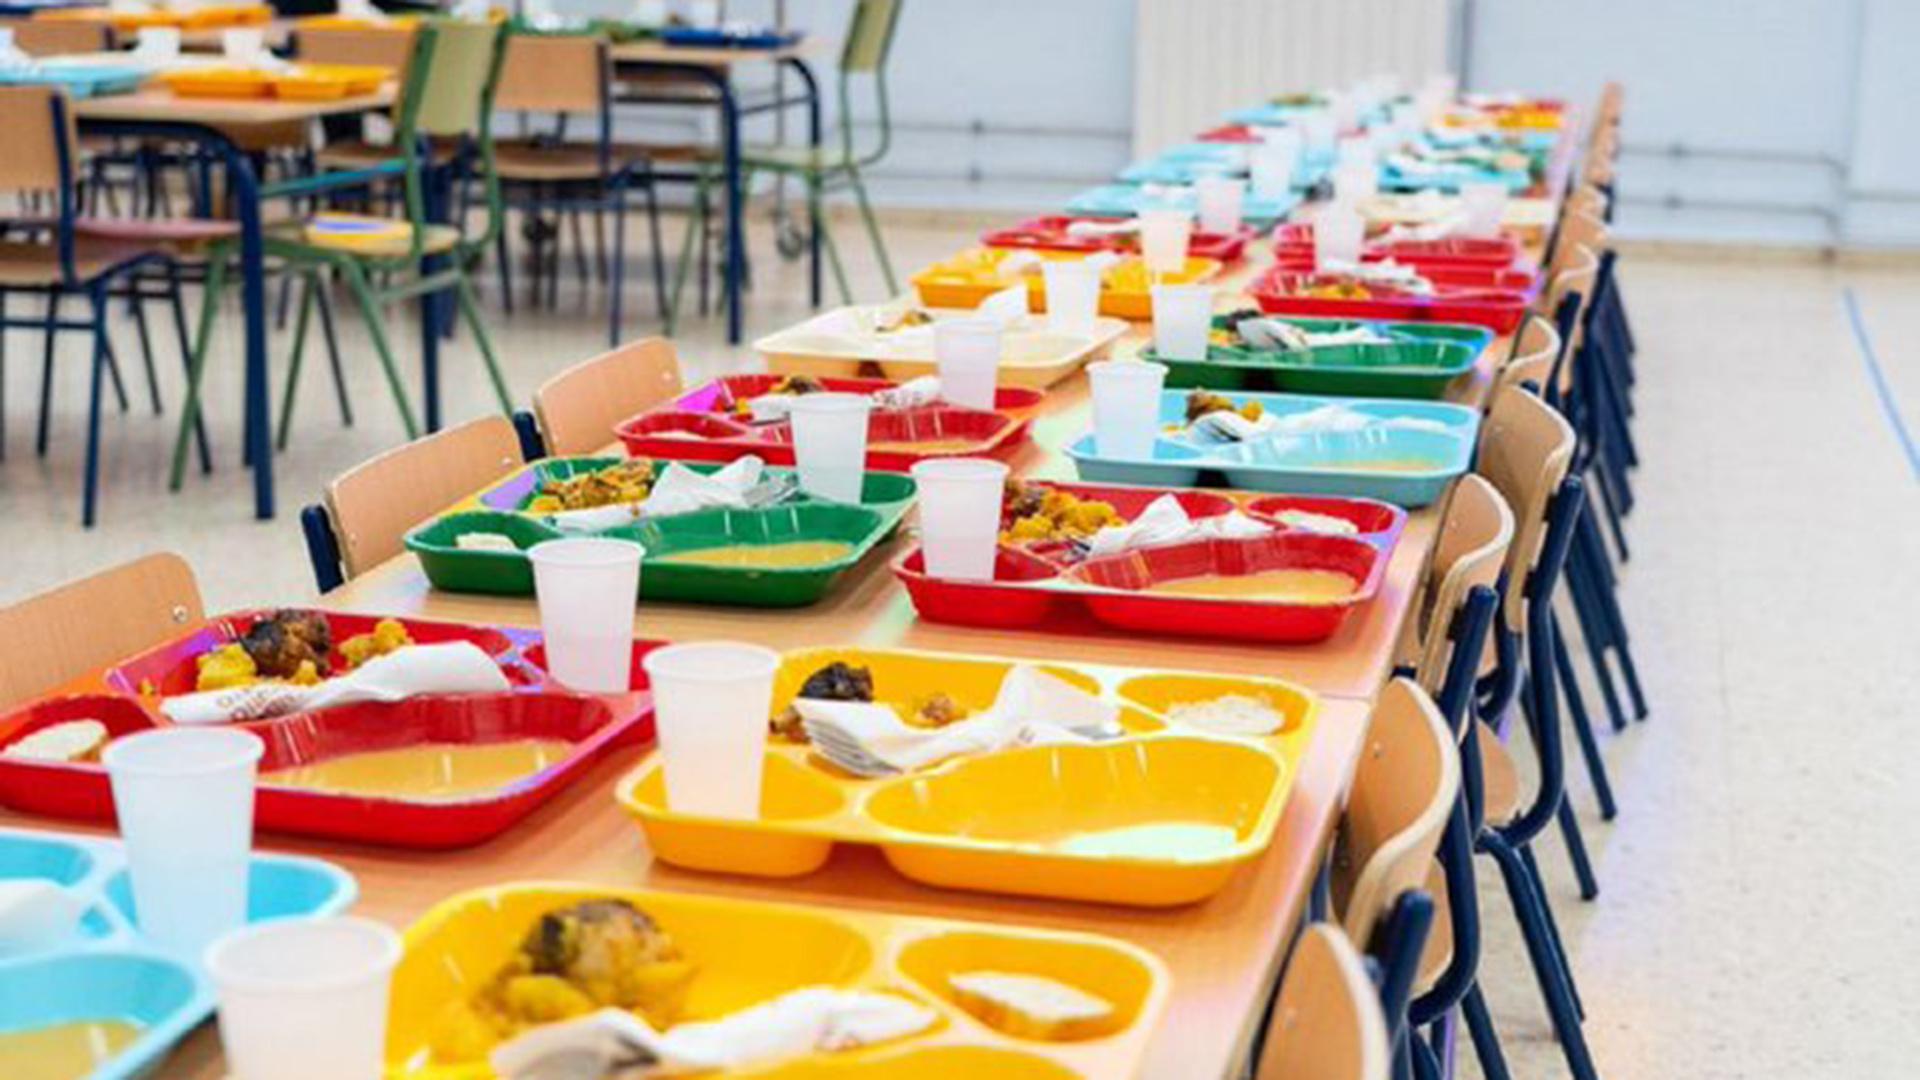 La convocatòria d'ajudes per a menjador escolar es publicarà al BOPV en els pròxims dies